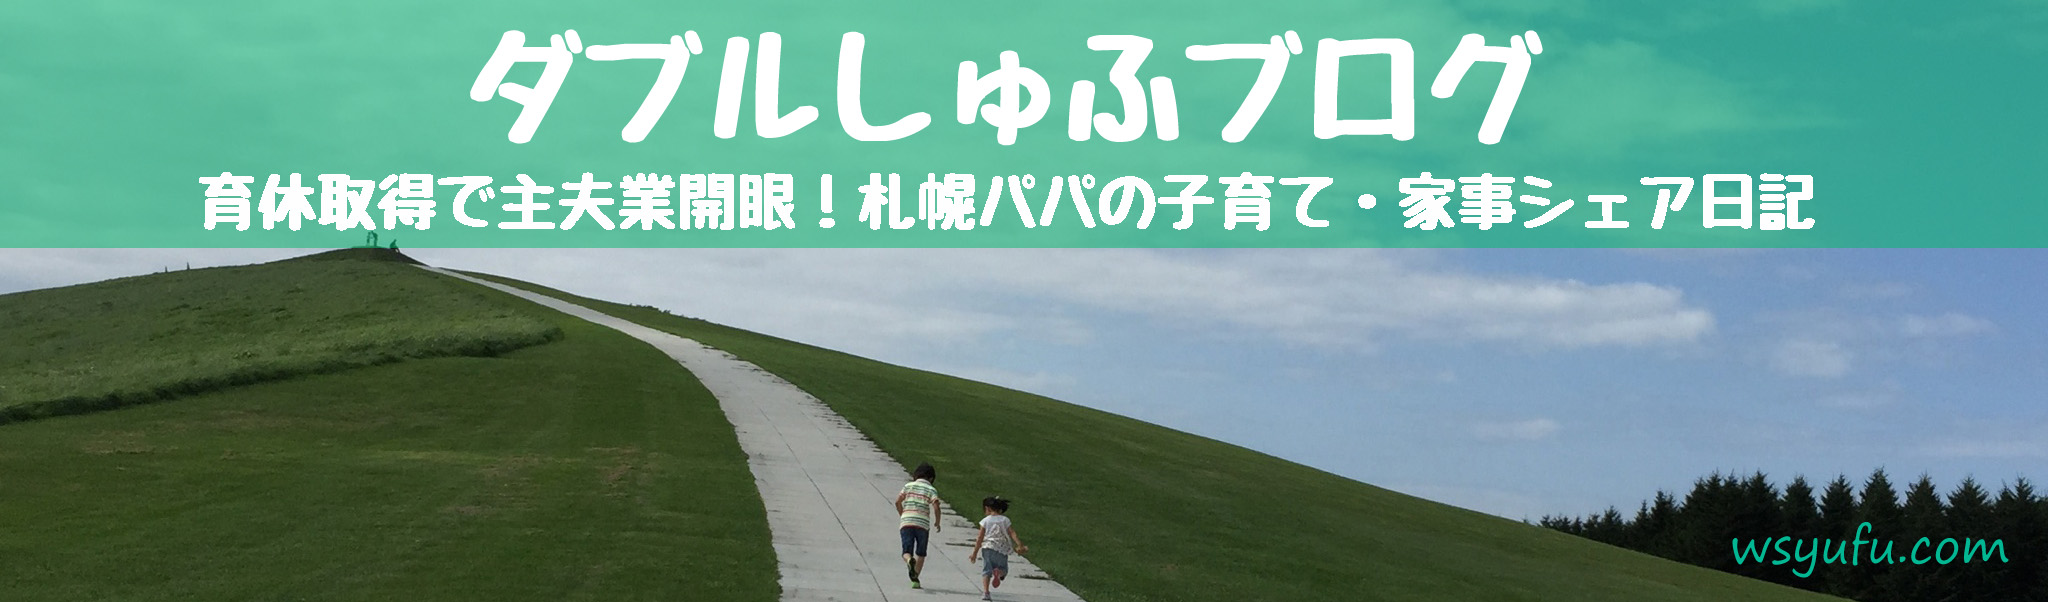 ダブルしゅふブログ|育休取得で主夫開眼!札幌子育て&マニアック洗濯掃除実践記